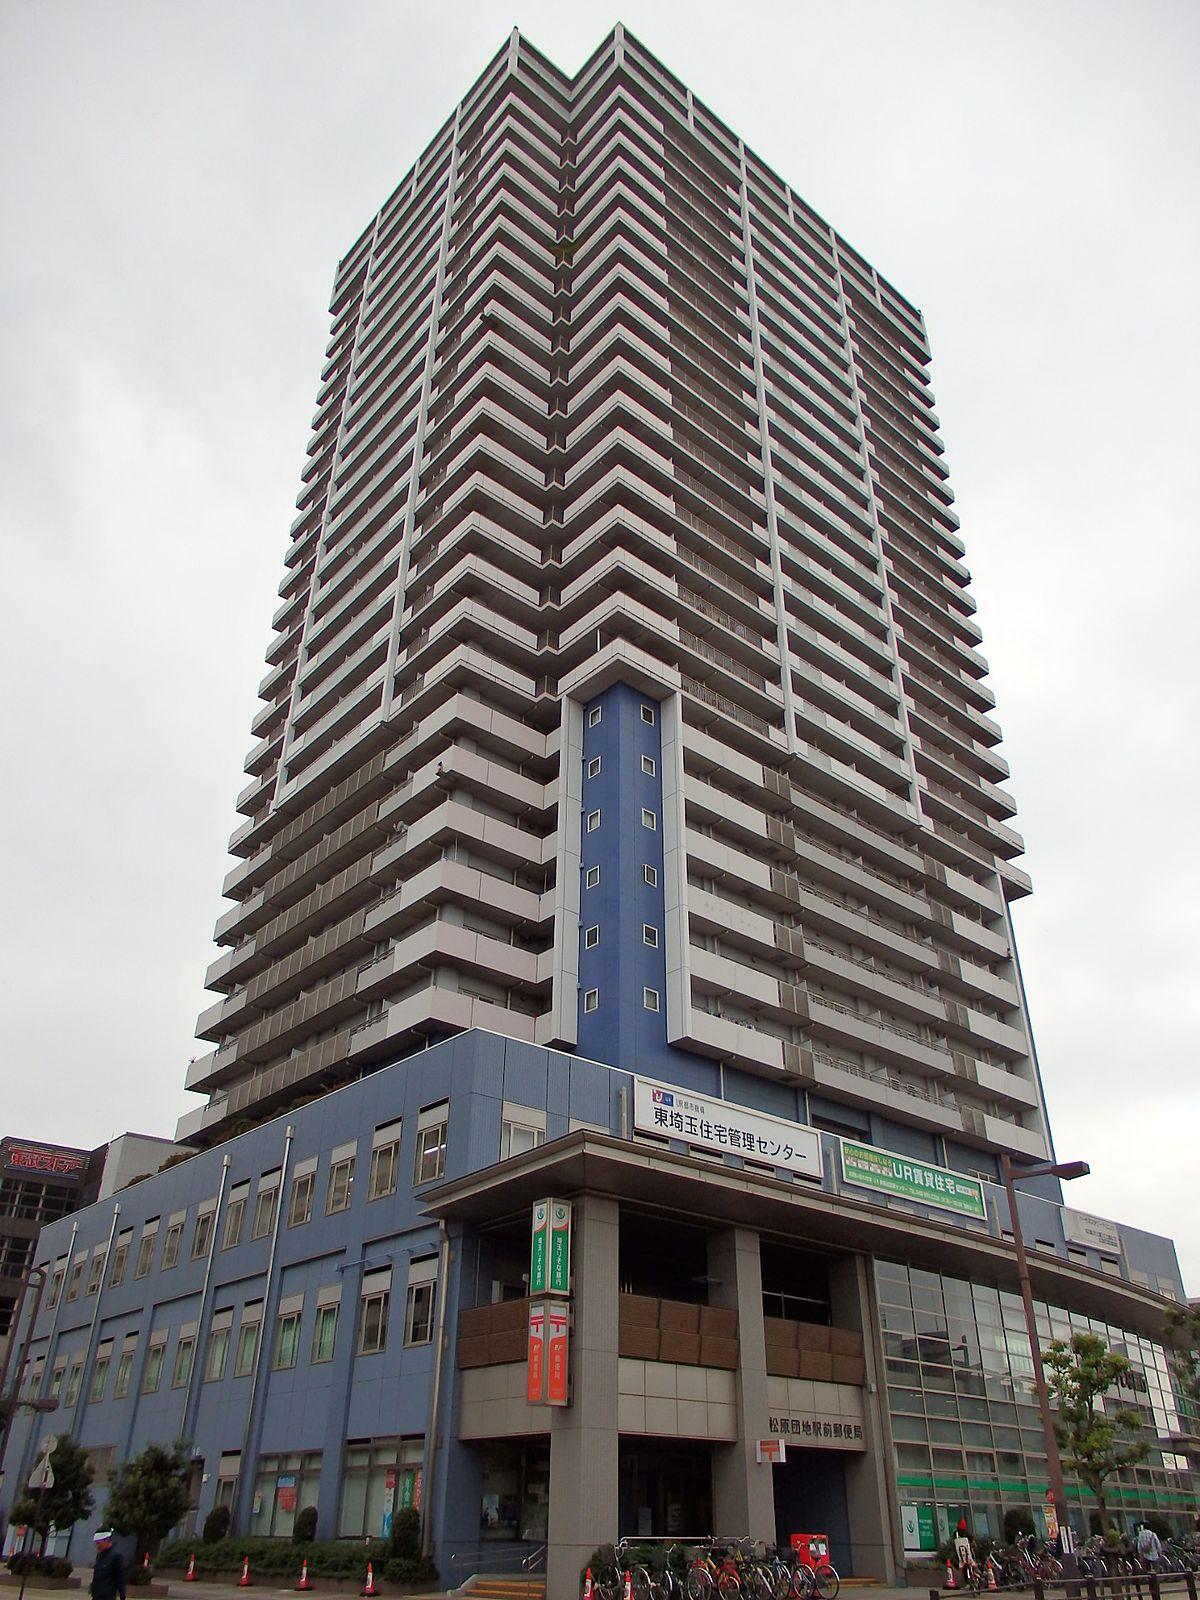 松原 (草加市) - Wikipedia